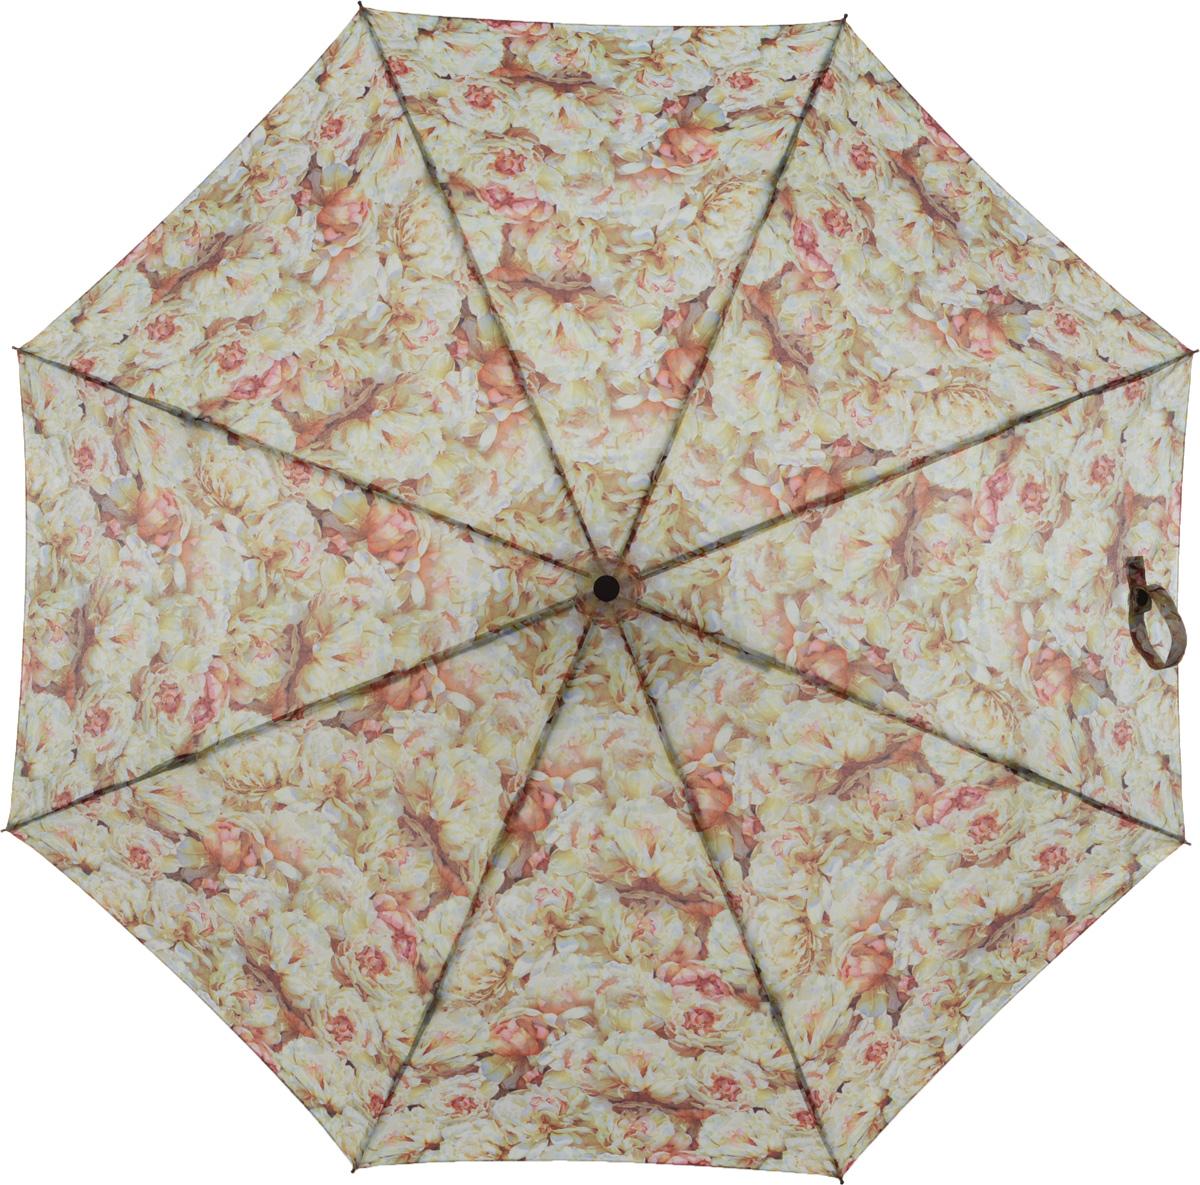 Зонт женский Eleganzza, автомат, 3 сложения, цвет: бежевый. A3-05-0217LA3-05-0217LЖенский зонт-автомат торговой марки ELEGANZZA с каркасом Smart. Купол: 100% полиэстер. Каркас: стержень-сталь, спицы-аллюминий + фибергласс. Увеличенный диаметр купола - 105 см. Система Smart, не позволяет стержню при сложении вылететь обратно, это облегчает сложение зонта! При сложении есть характерный звук-треск, как трещетка. Примечание: зонт не откроется с кнопки если его не закрыть до щелчка!